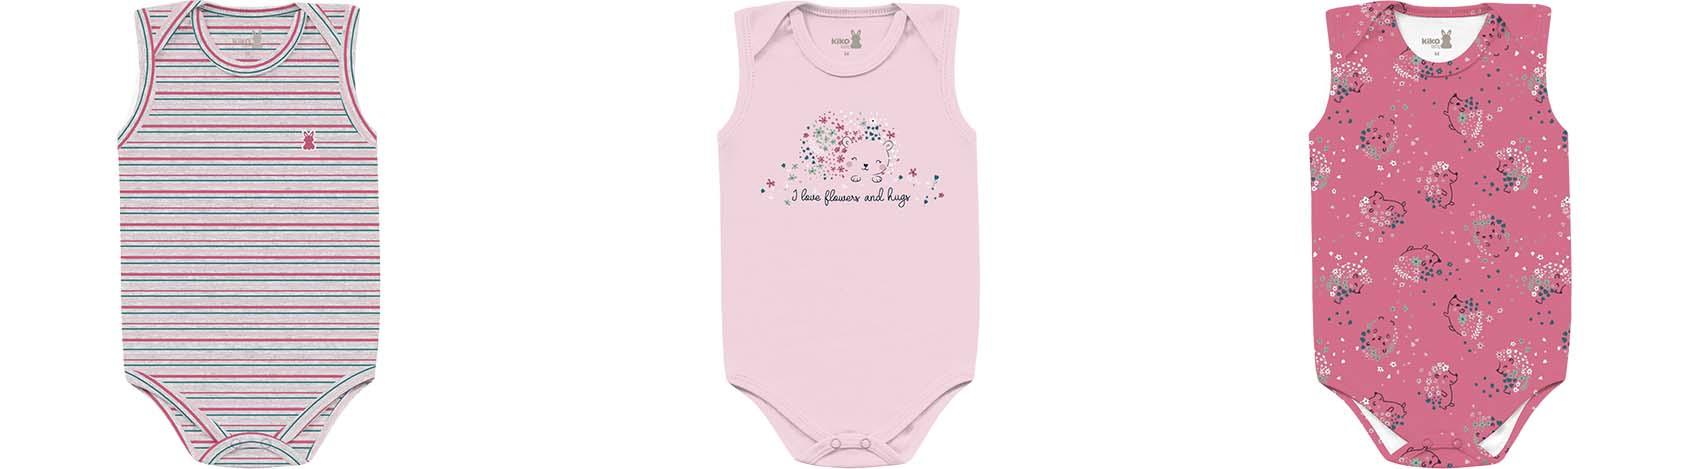 Kit Body Regata 3 Peças Porco Espinho Pink/Listadinho/Rosa Kiko Baby